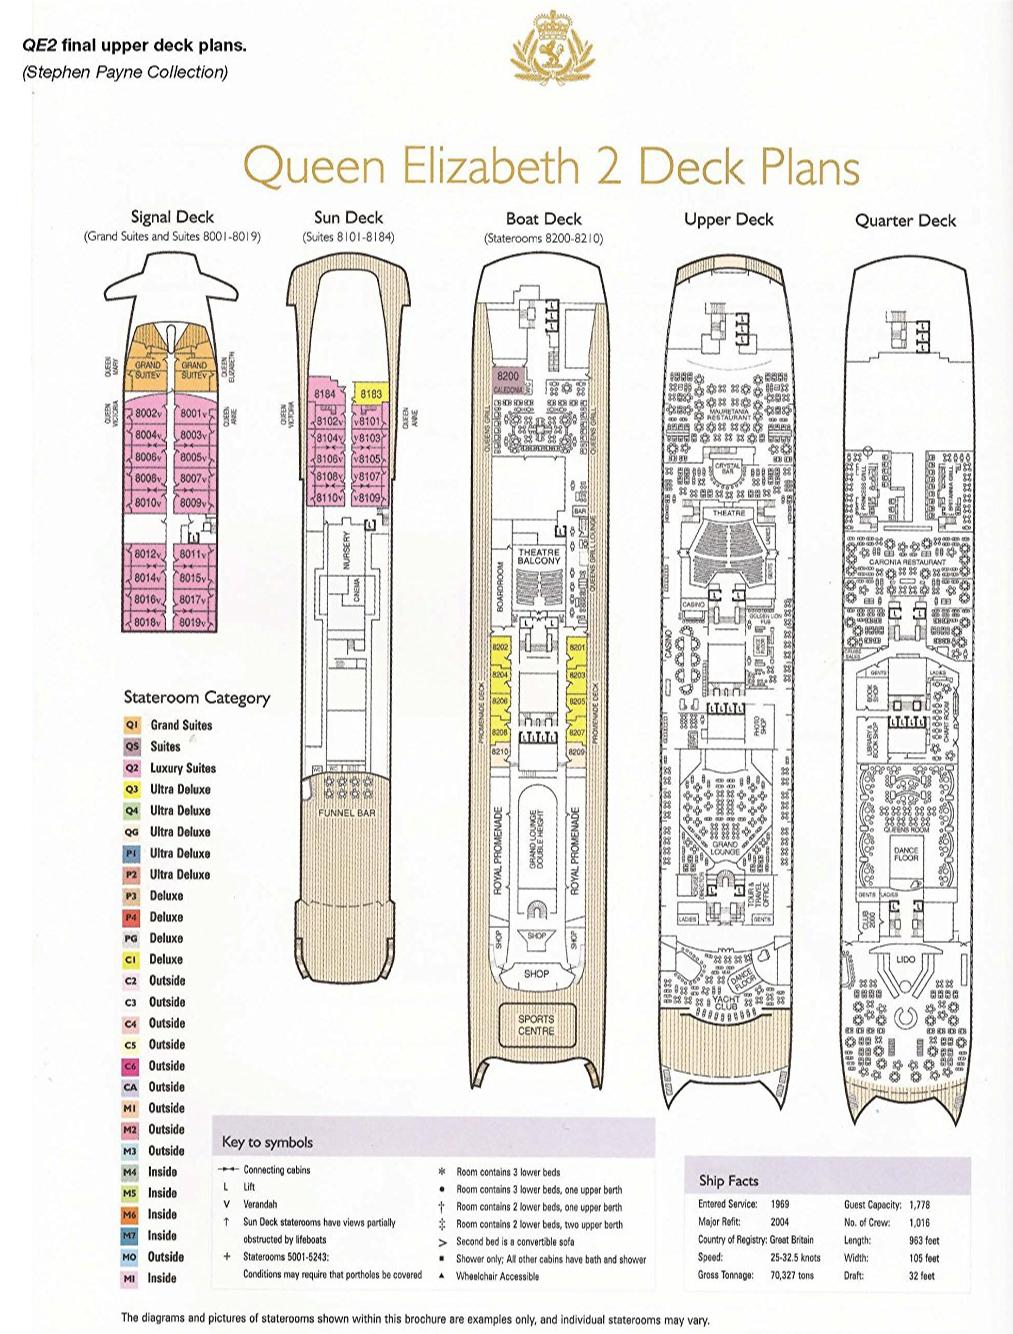 QE2 final deck plans